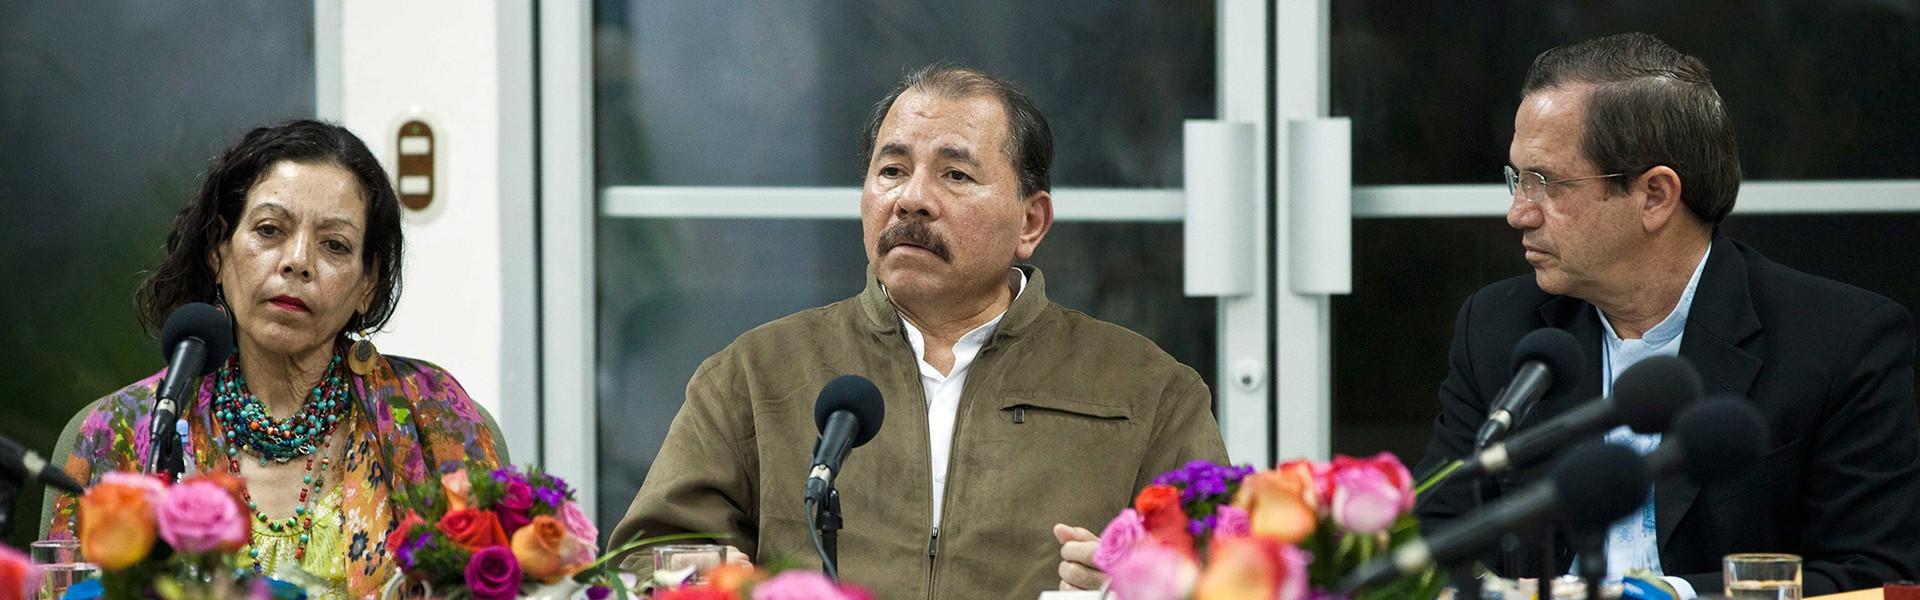 nicaragua divided la prensa and the chamorro legacy